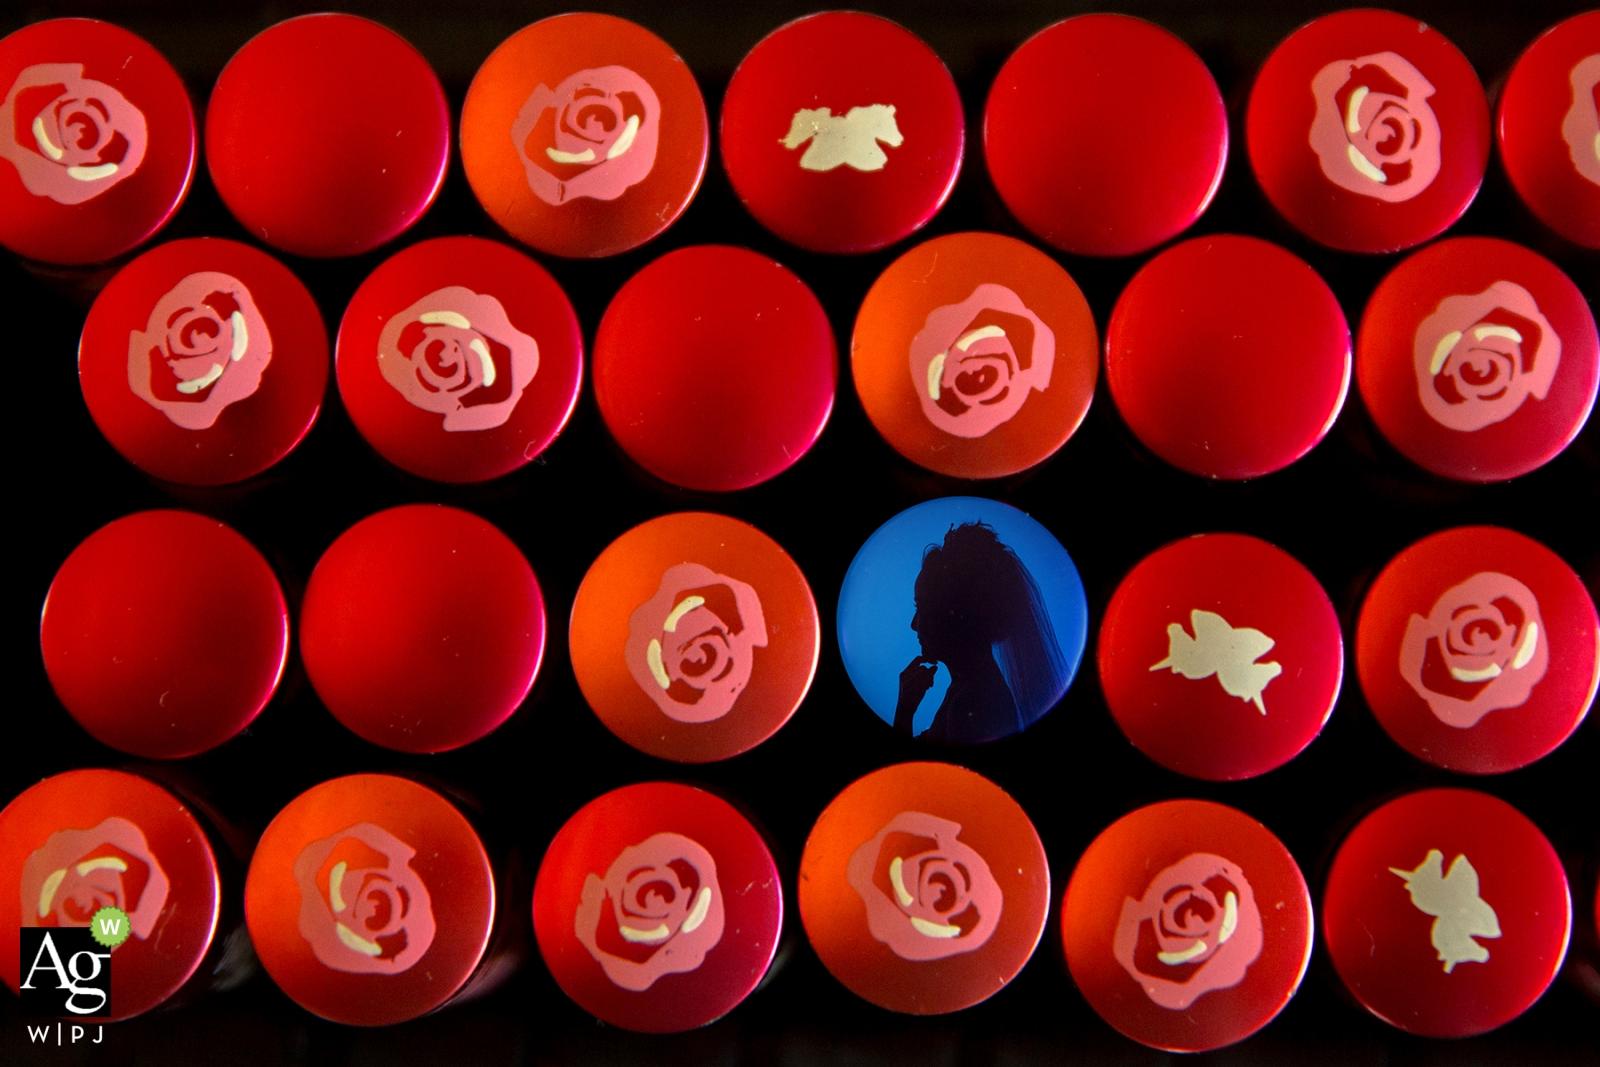 Pekin portret sesji zdjęciowej sesji z panną młodą otoczony czerwonymi okręgami i kwiatami